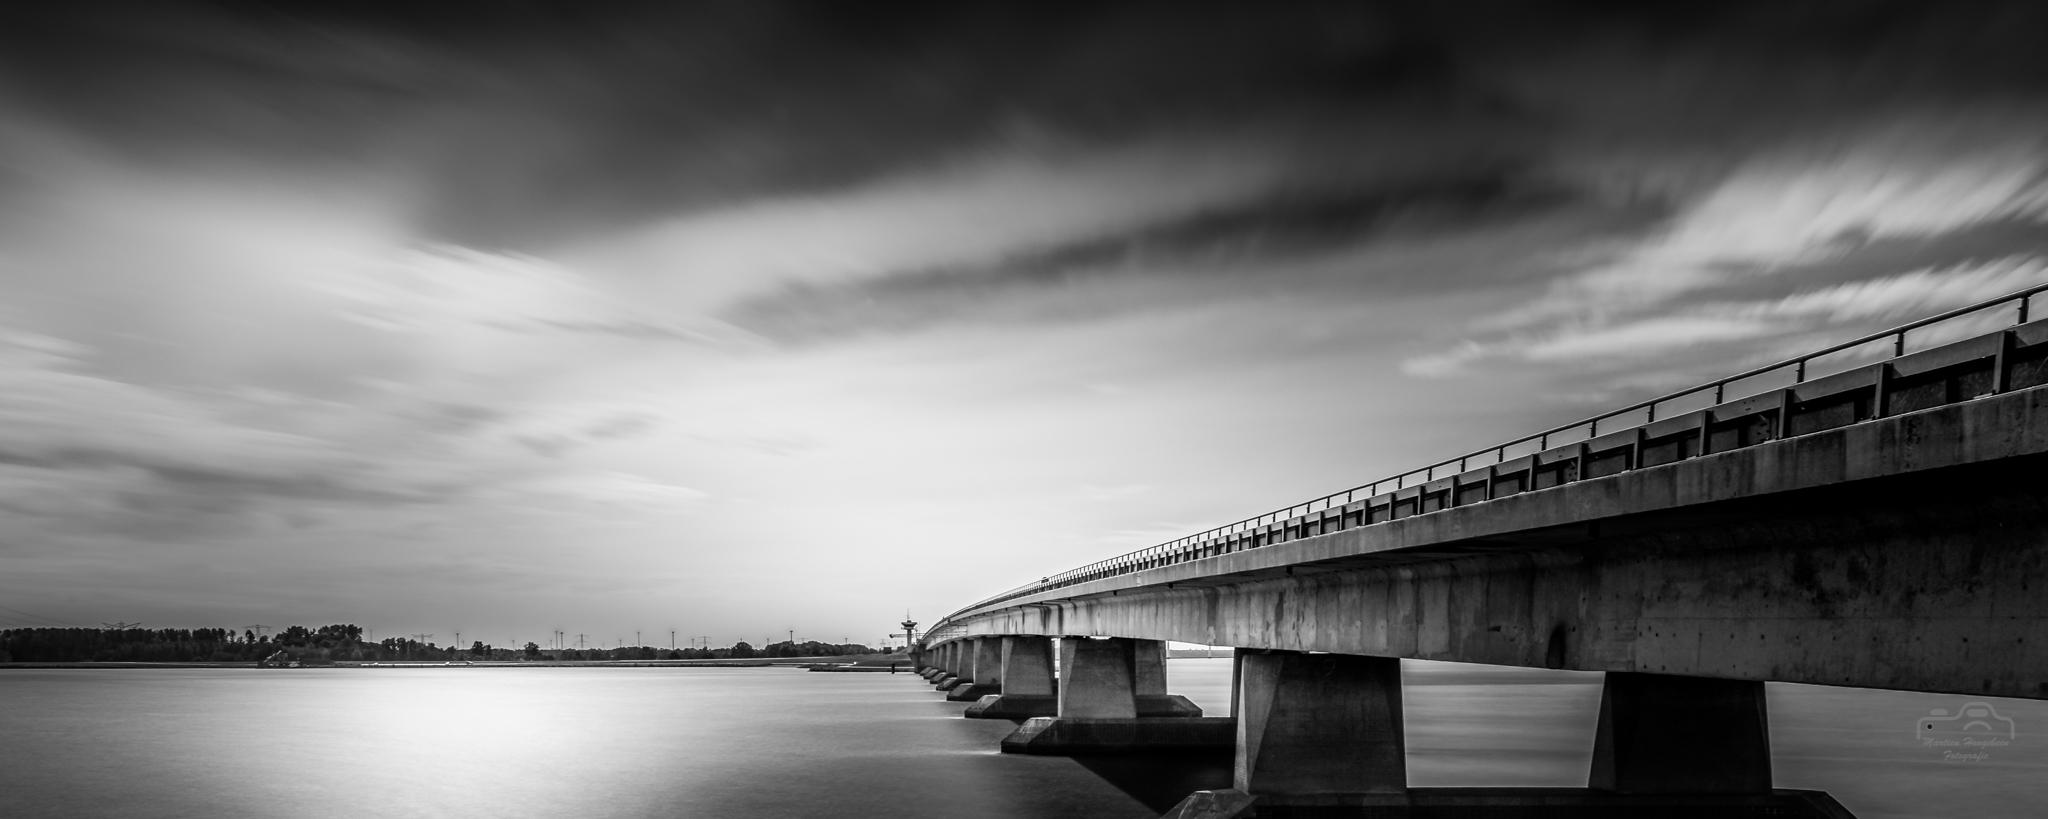 20180916 Ketelbrug